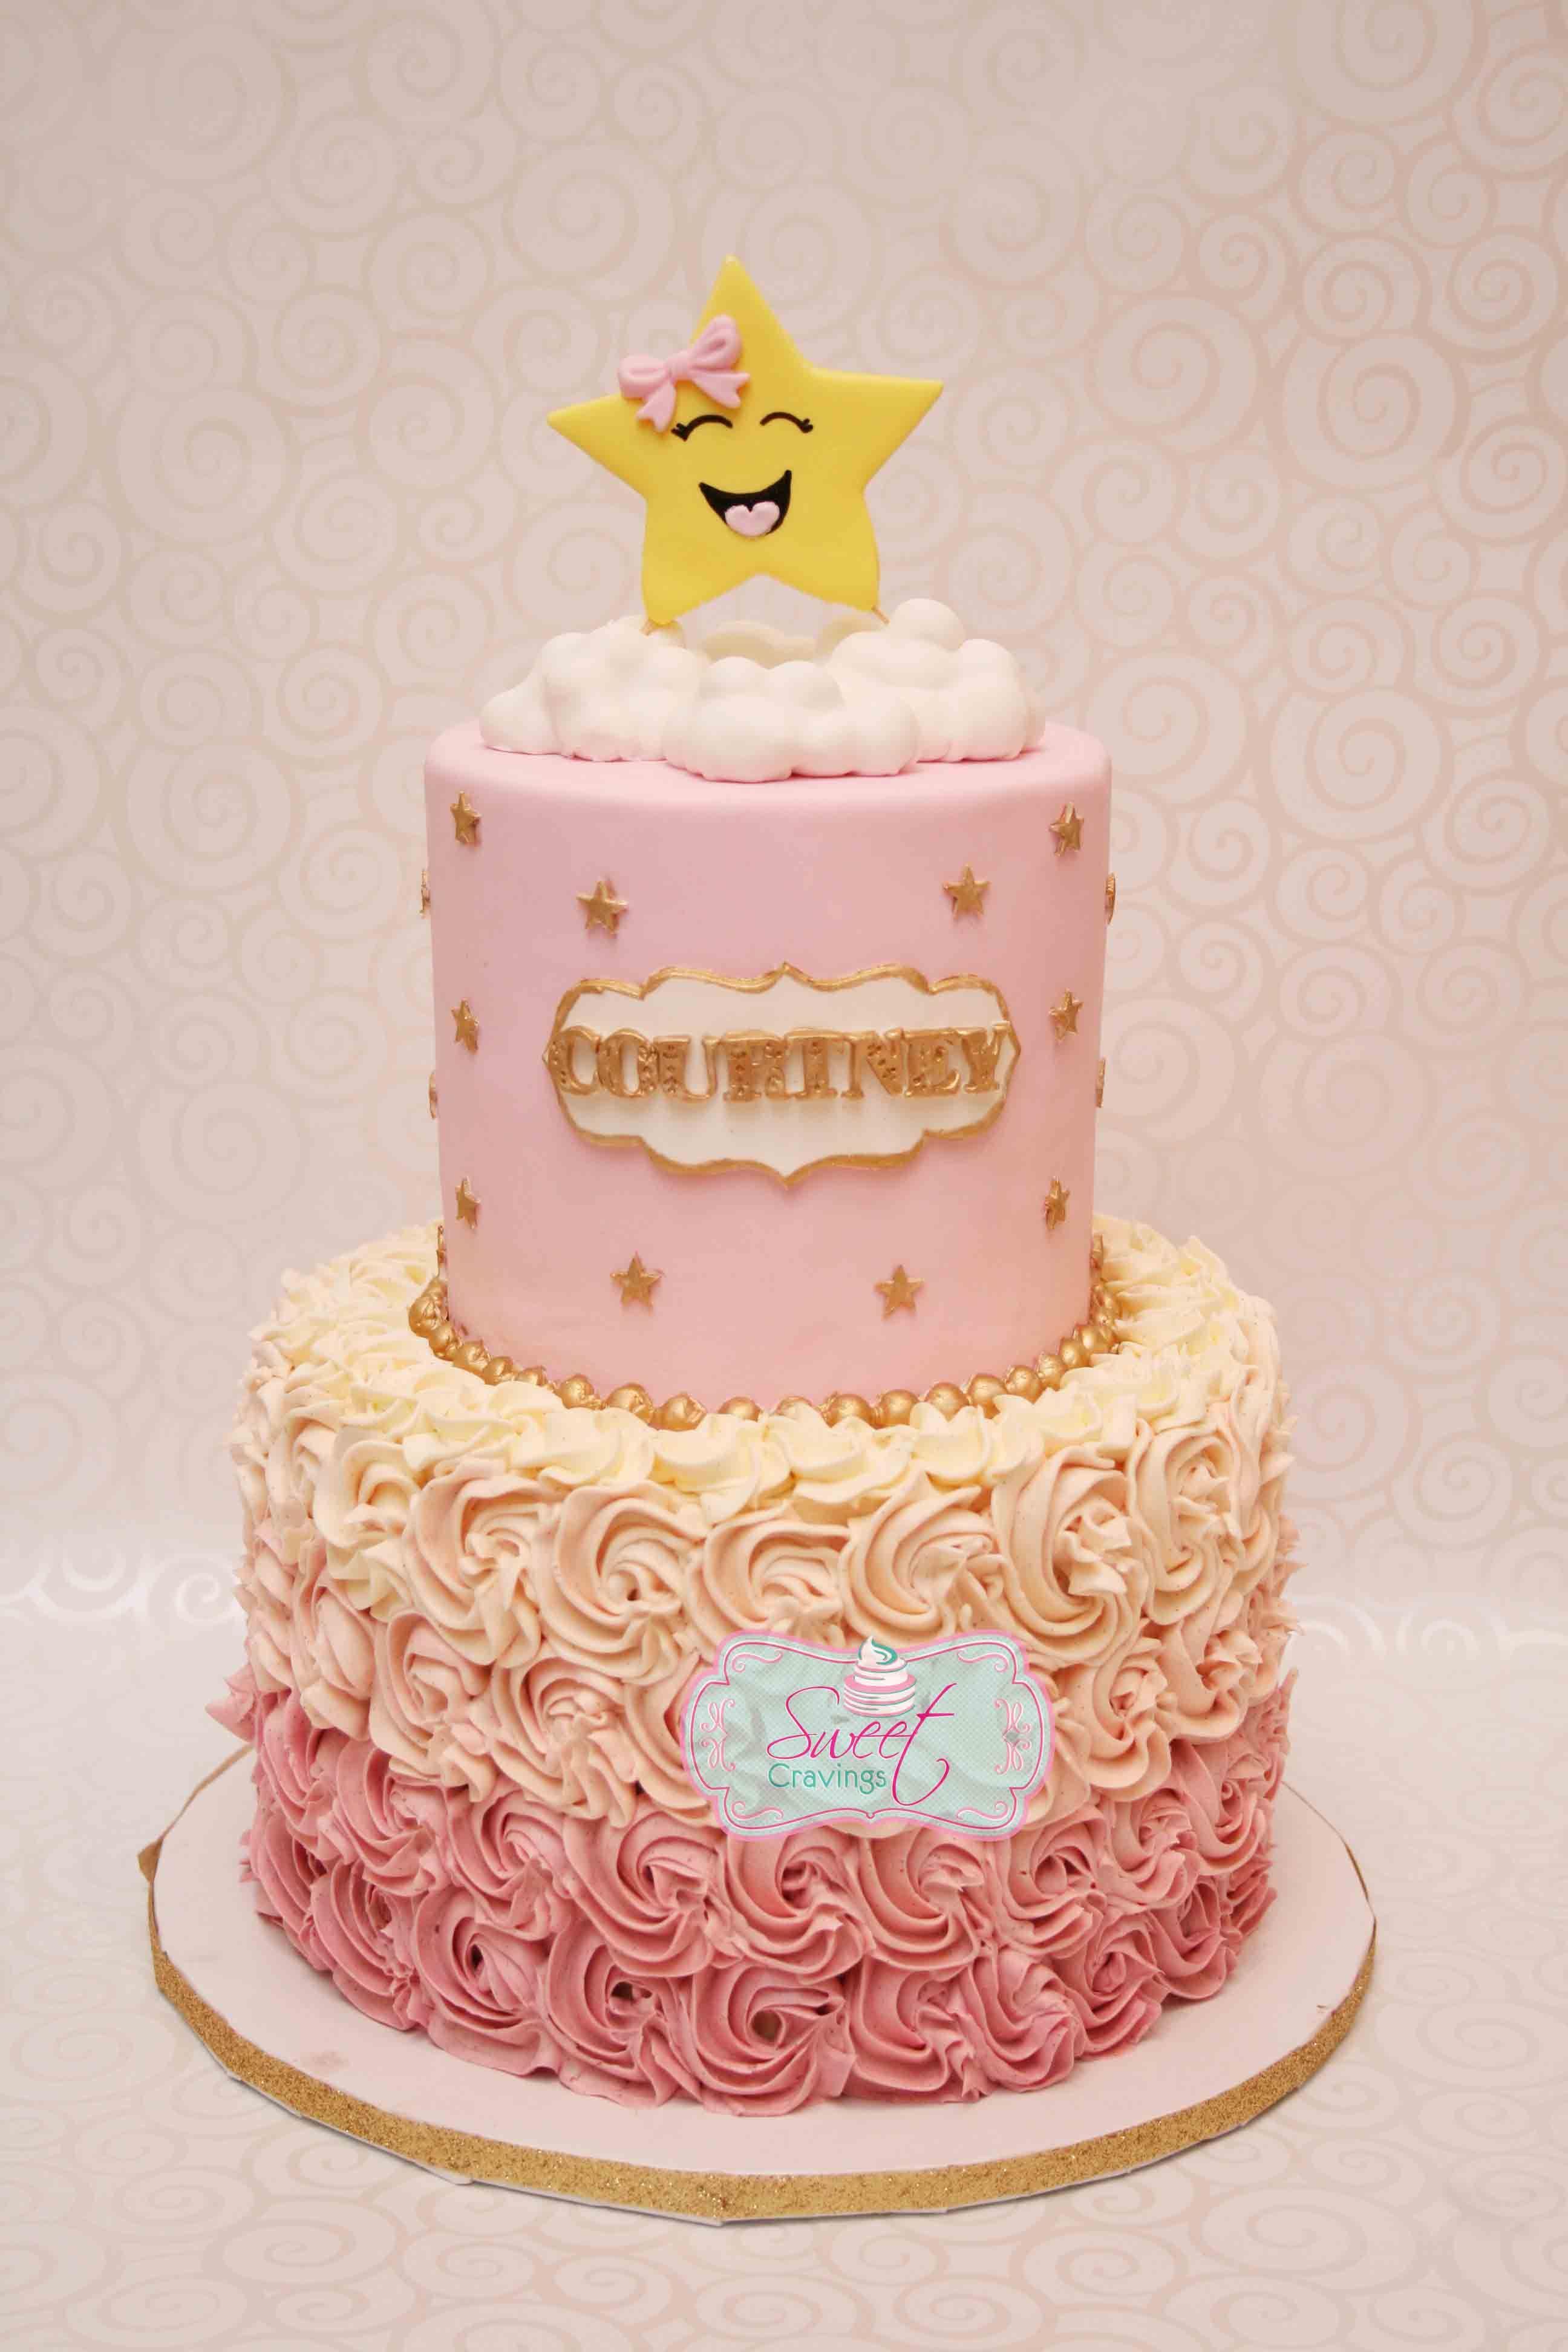 Twinkle twinkle little star cake Elowyns Twinkle Twinkle Little